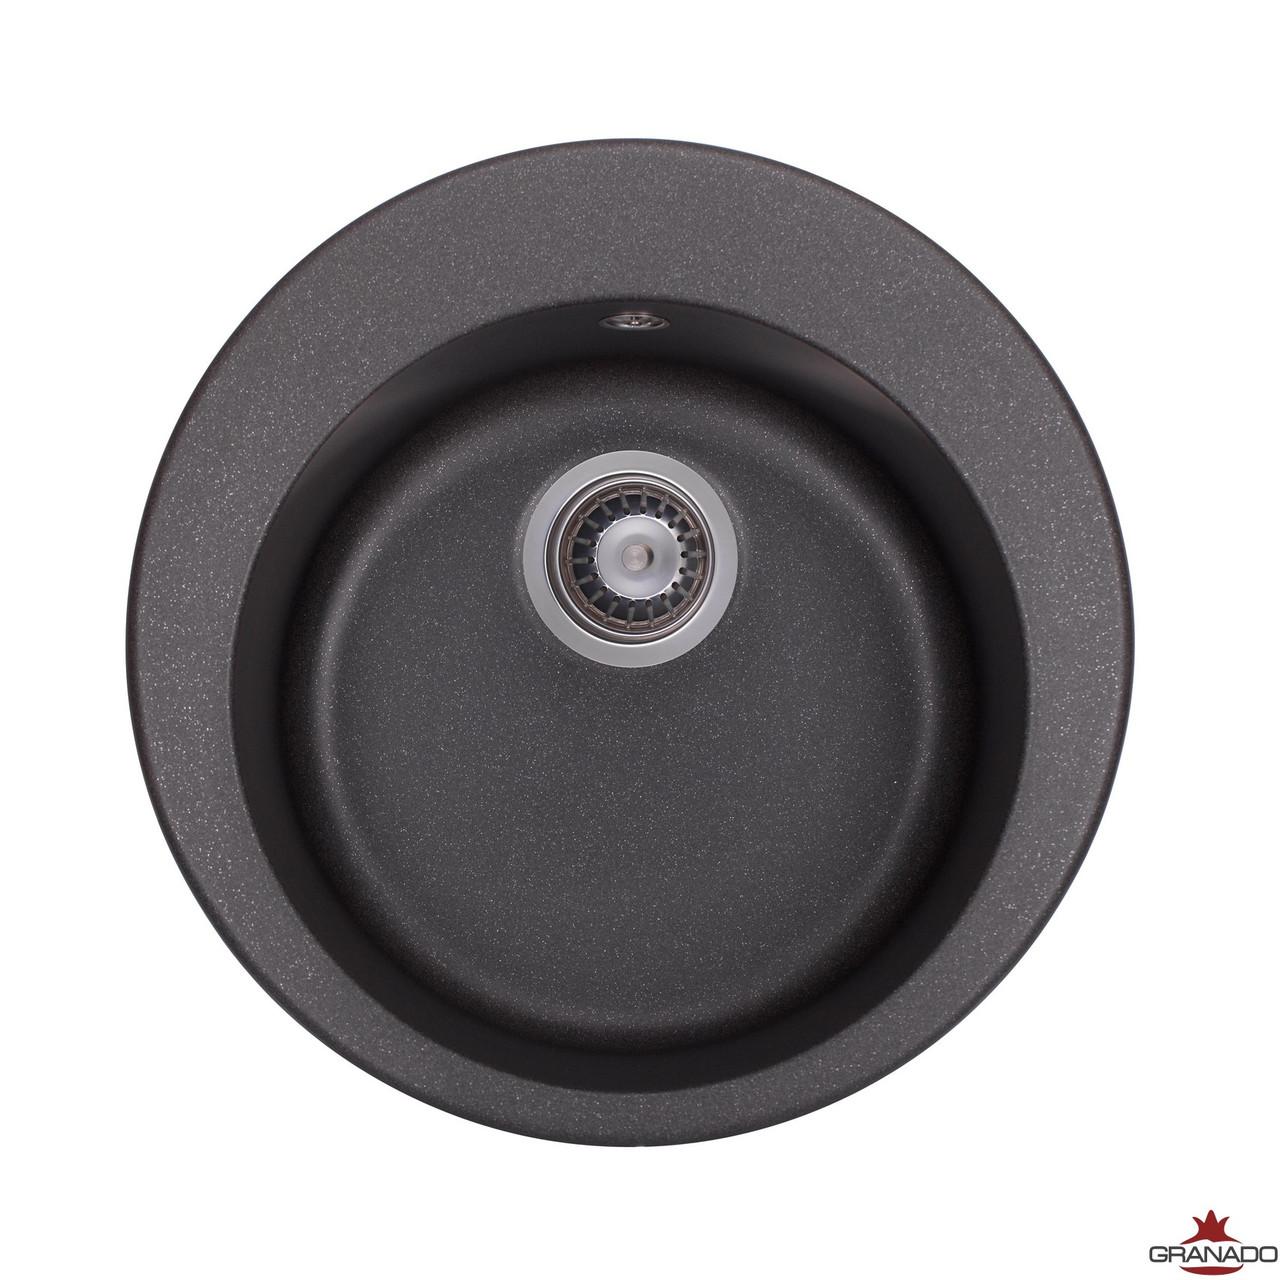 Мойка кухонная врезная круглой формы из гранита от производителя GRANADO модель VITORIA - Black